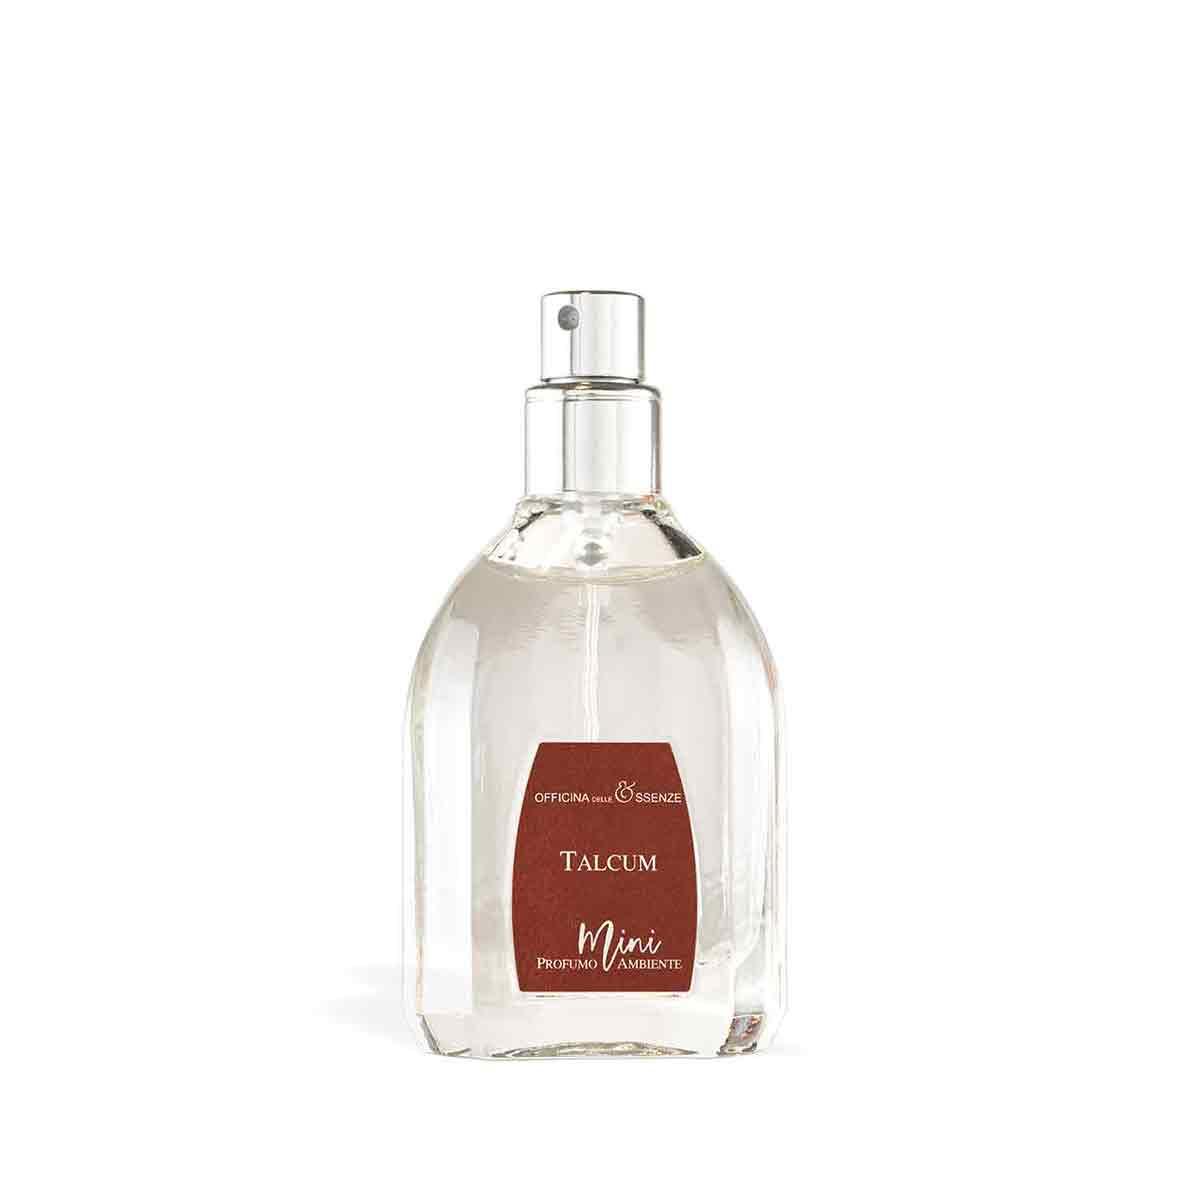 Mini profumo ambiente Talcum da 25 ml